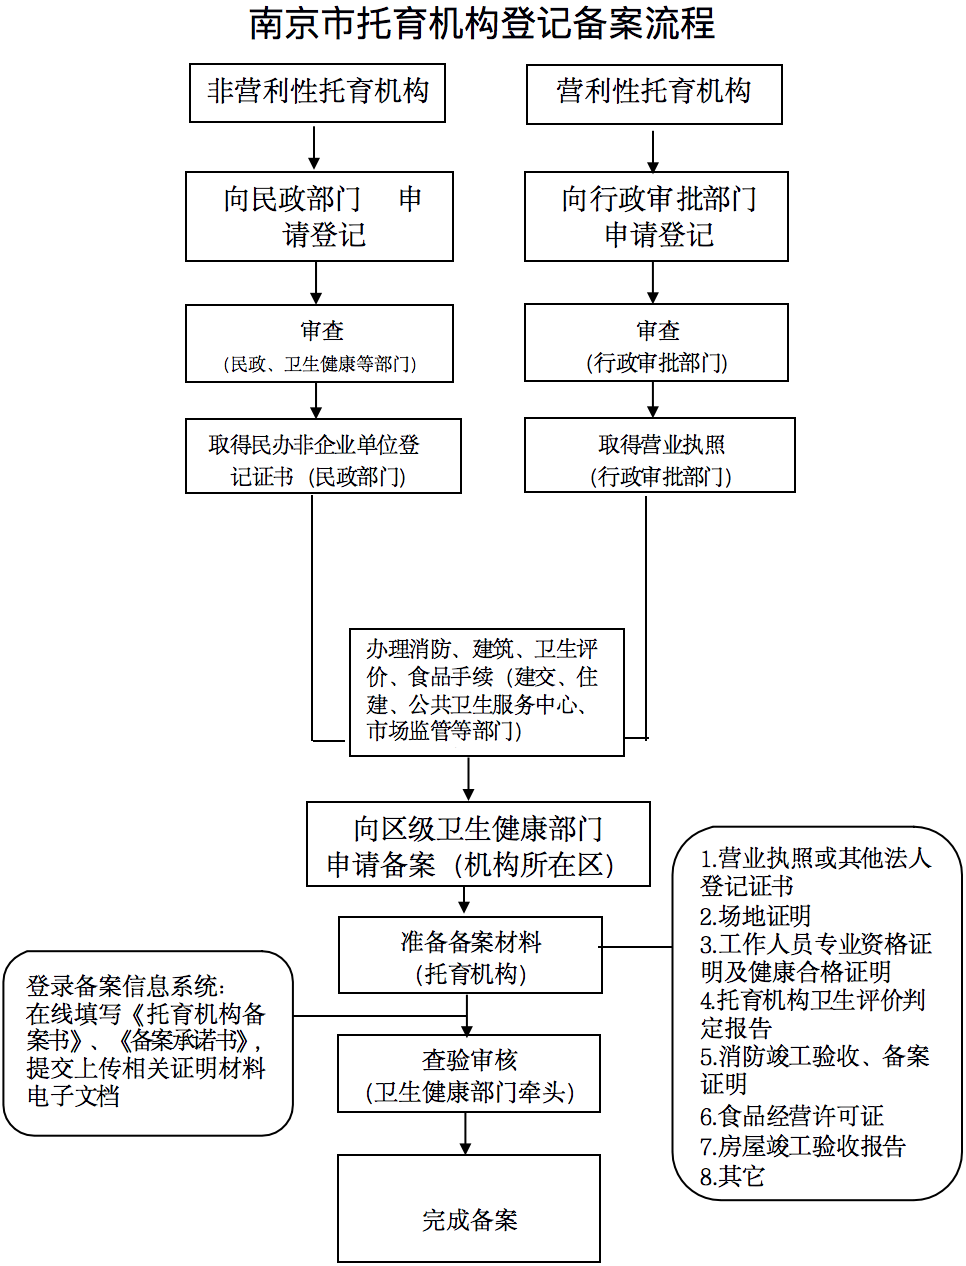 1000平以下消防只需备案抽查,南京市下发《托育备案指导手册》